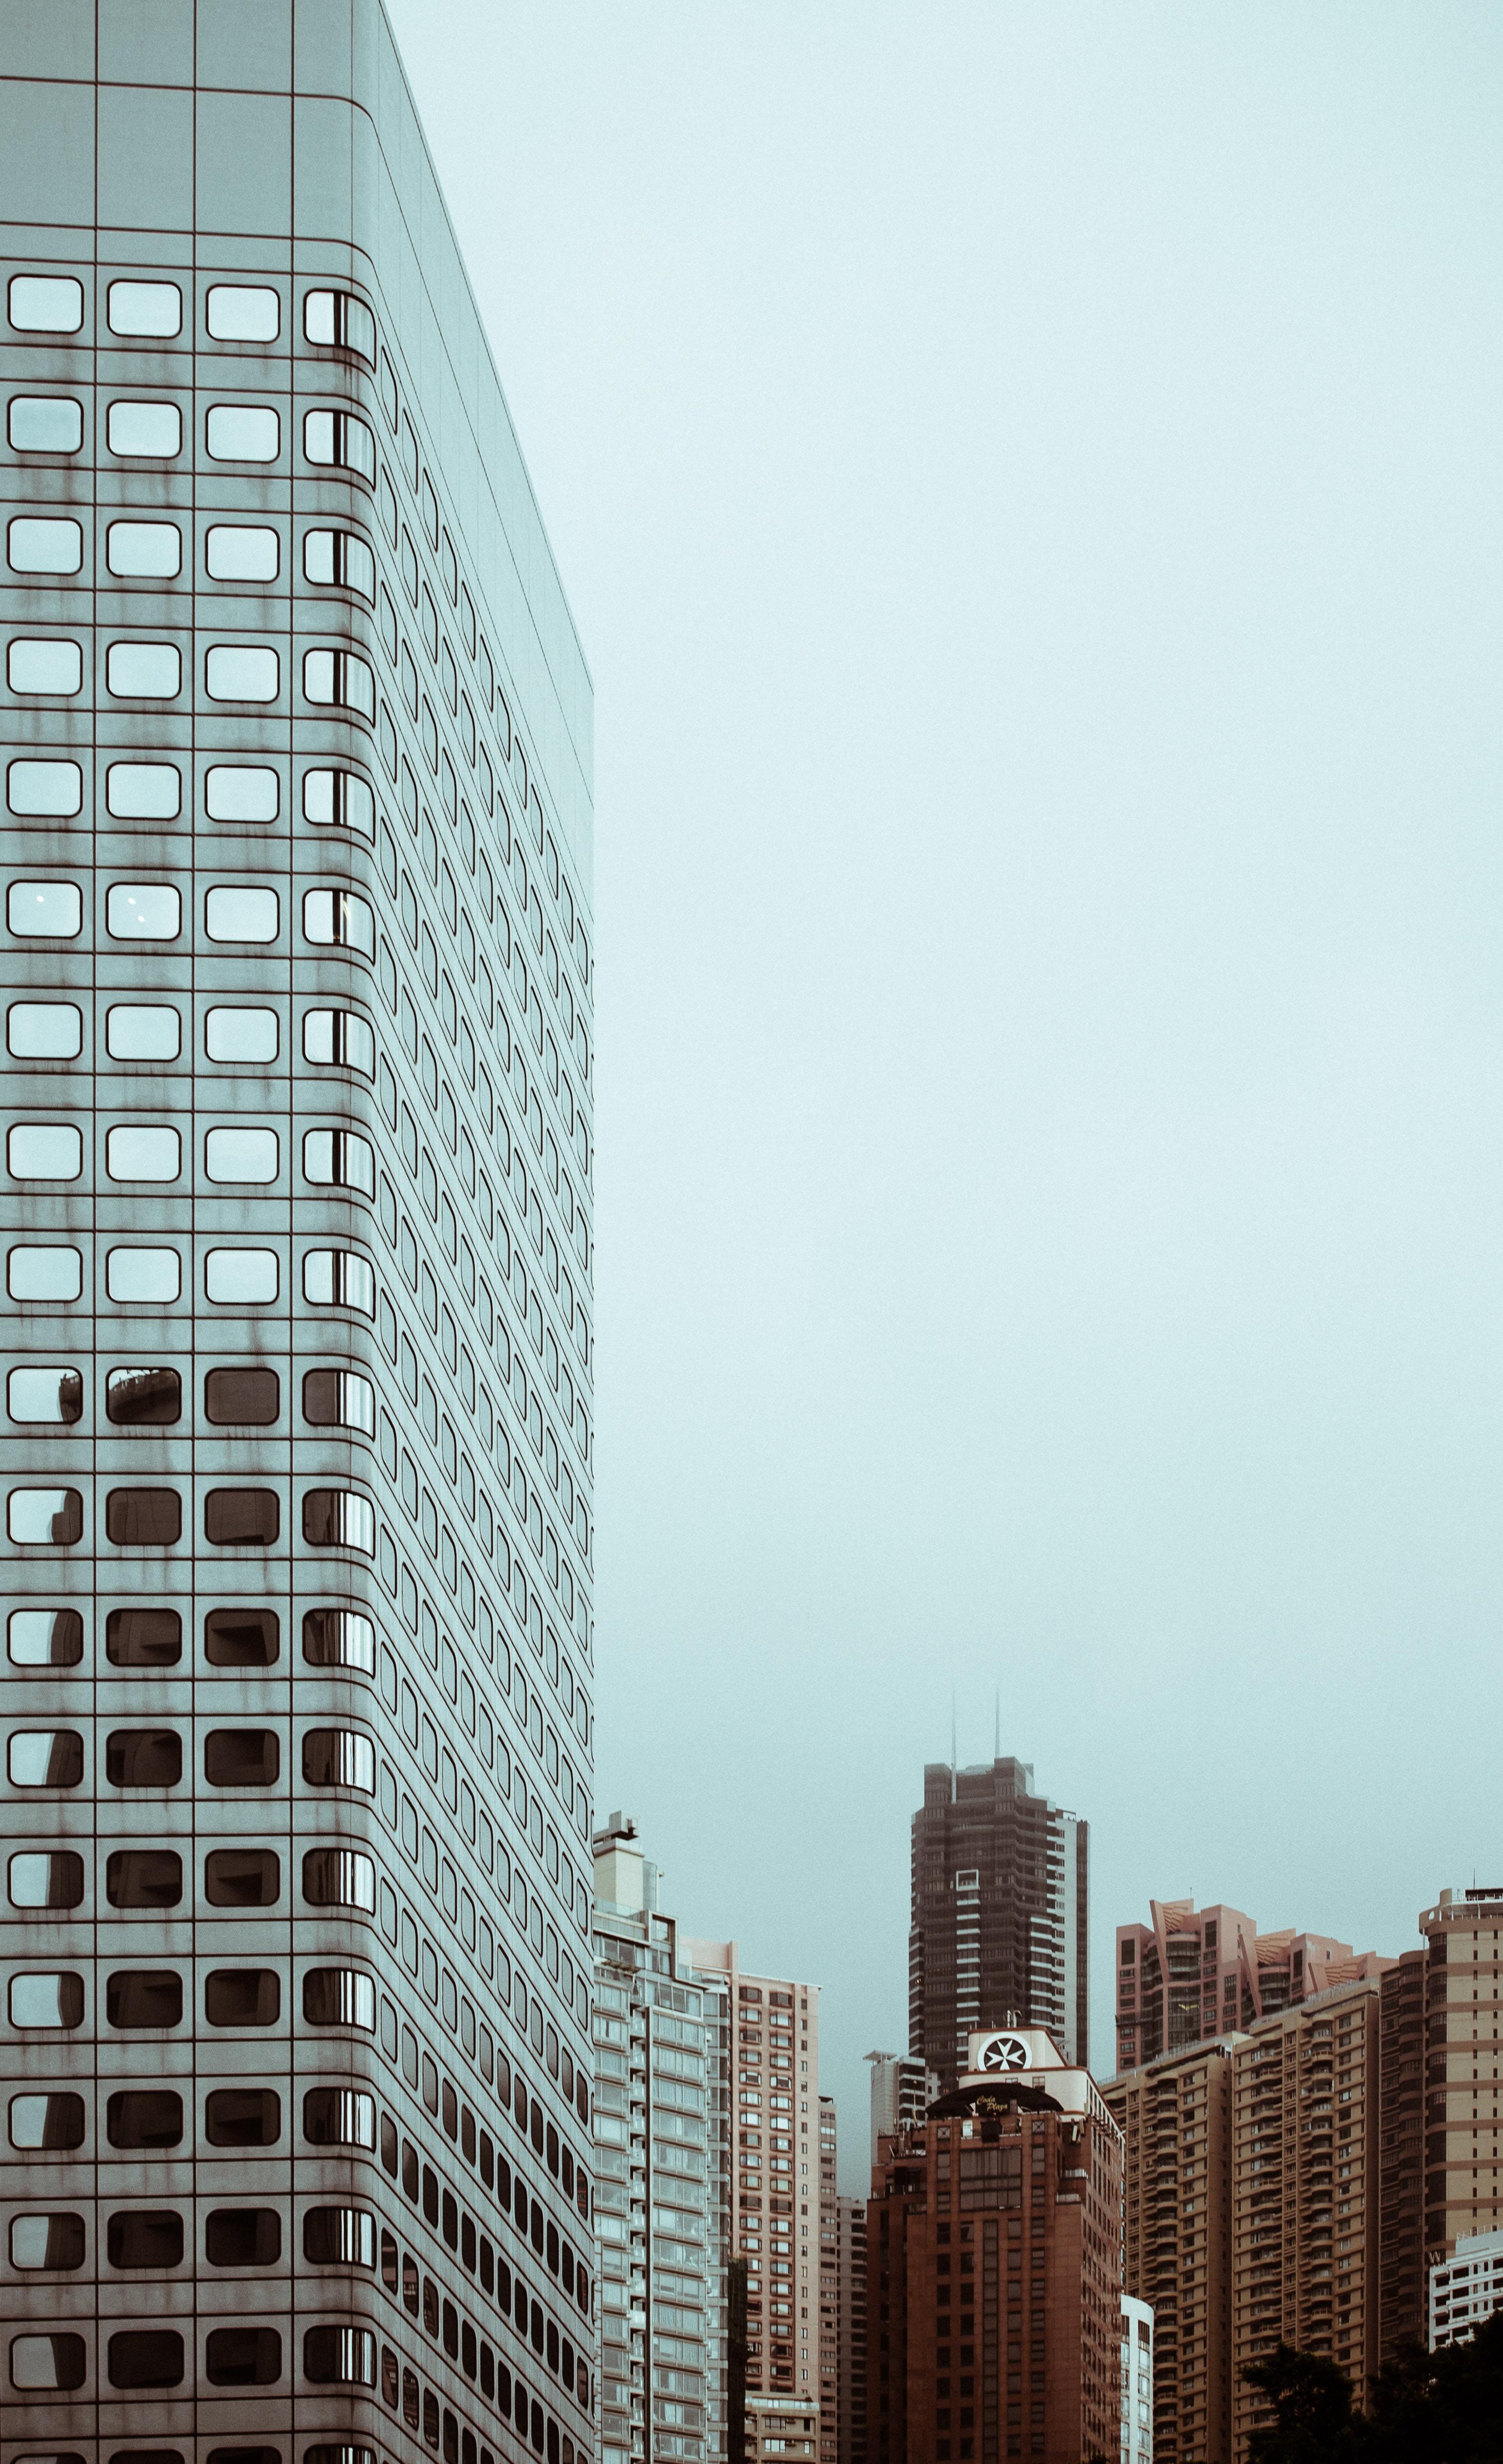 photo of concrete city buildings